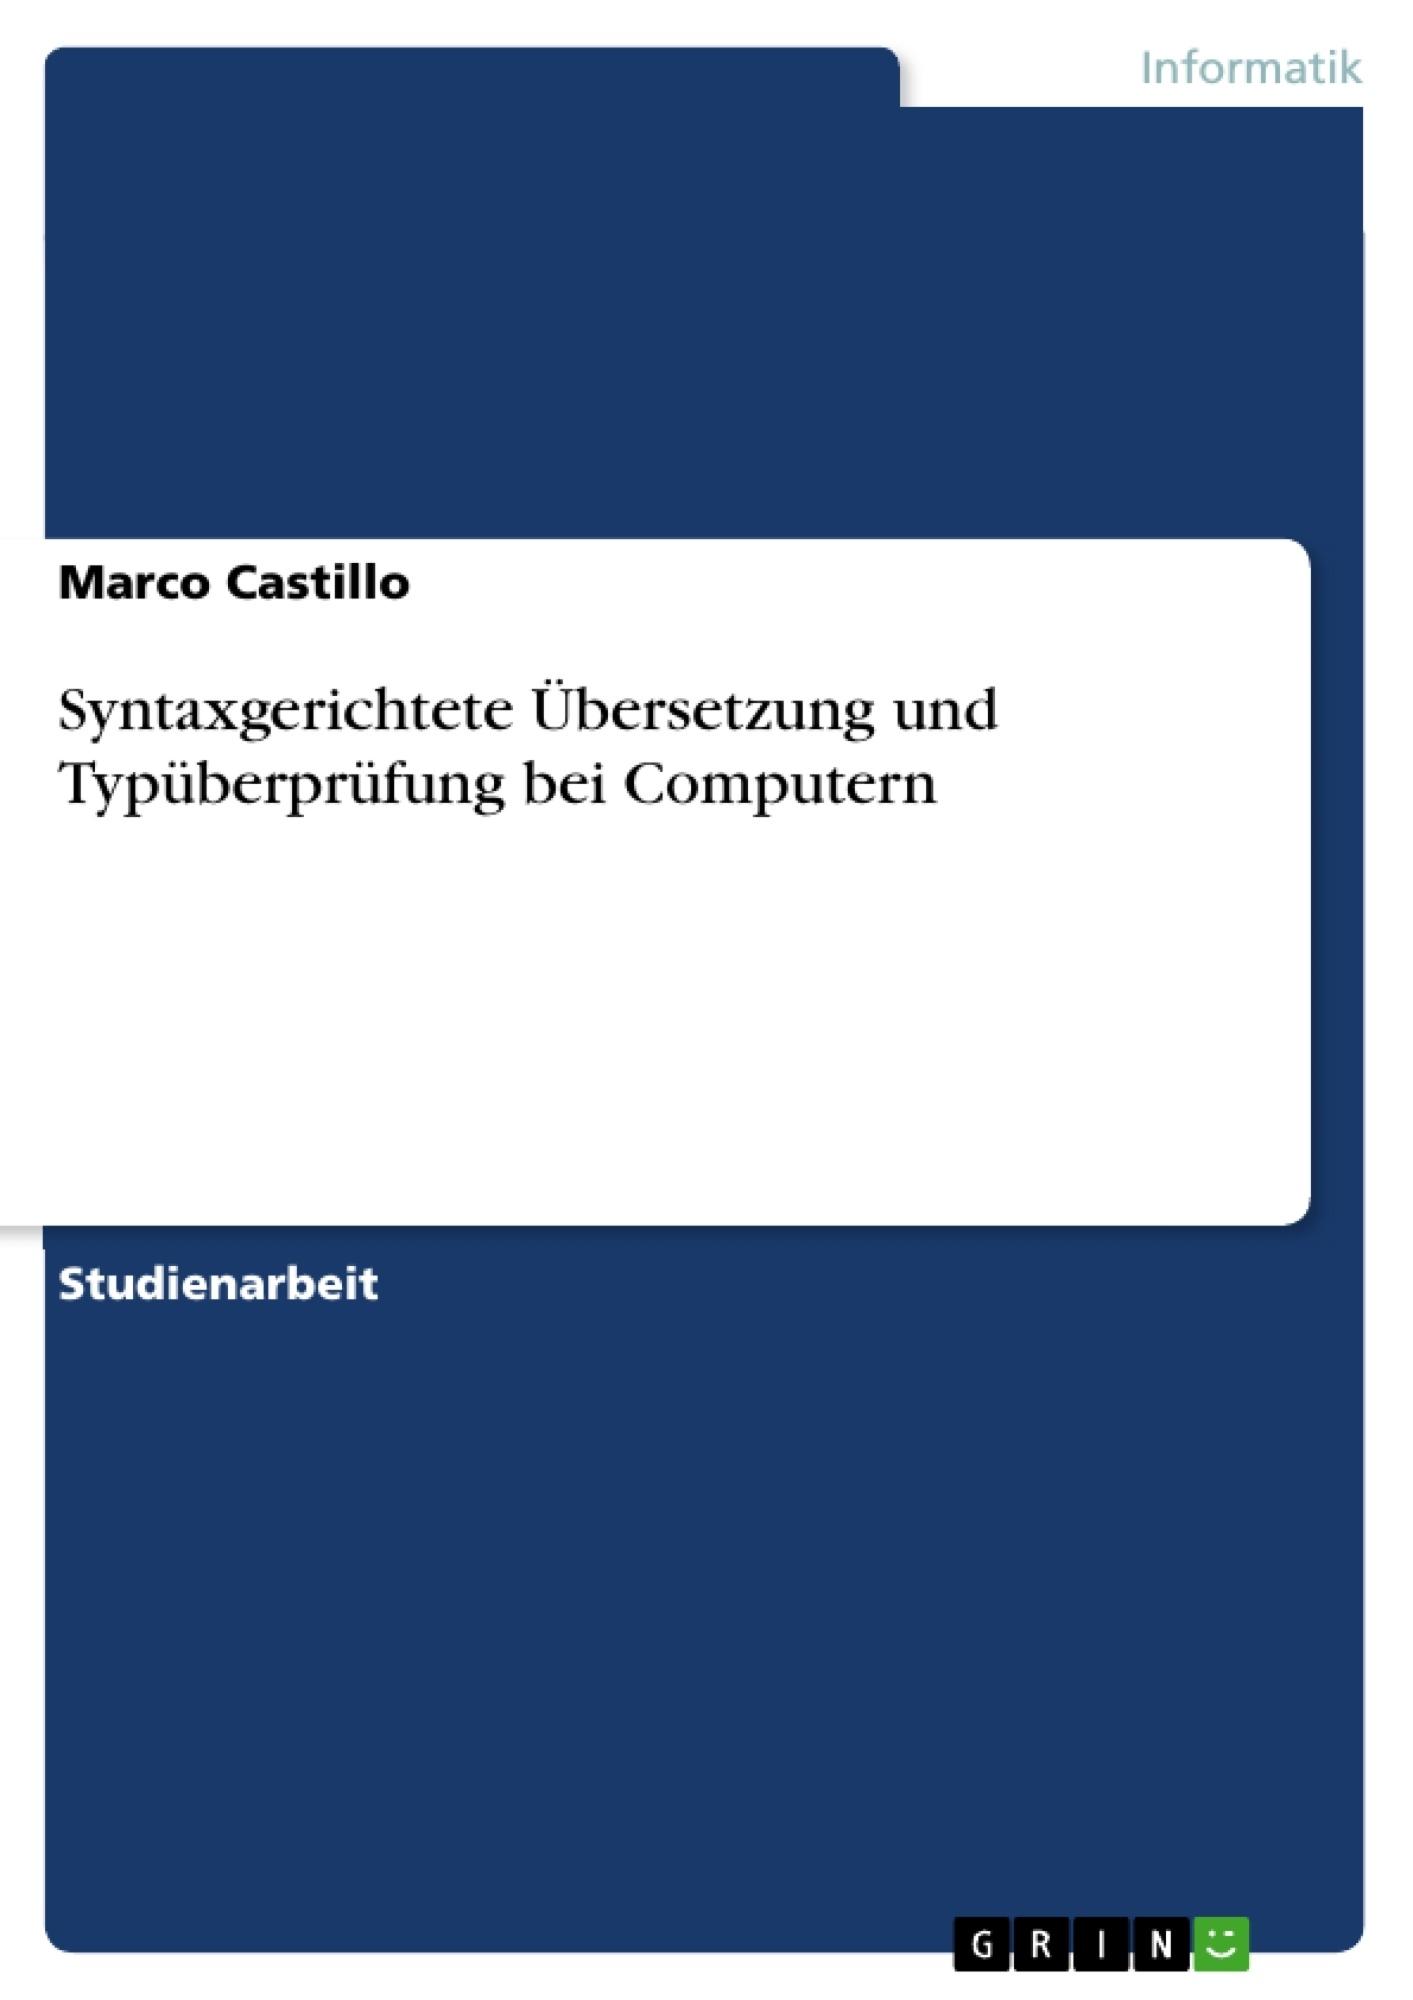 Titel: Syntaxgerichtete Übersetzung und Typüberprüfung bei Computern